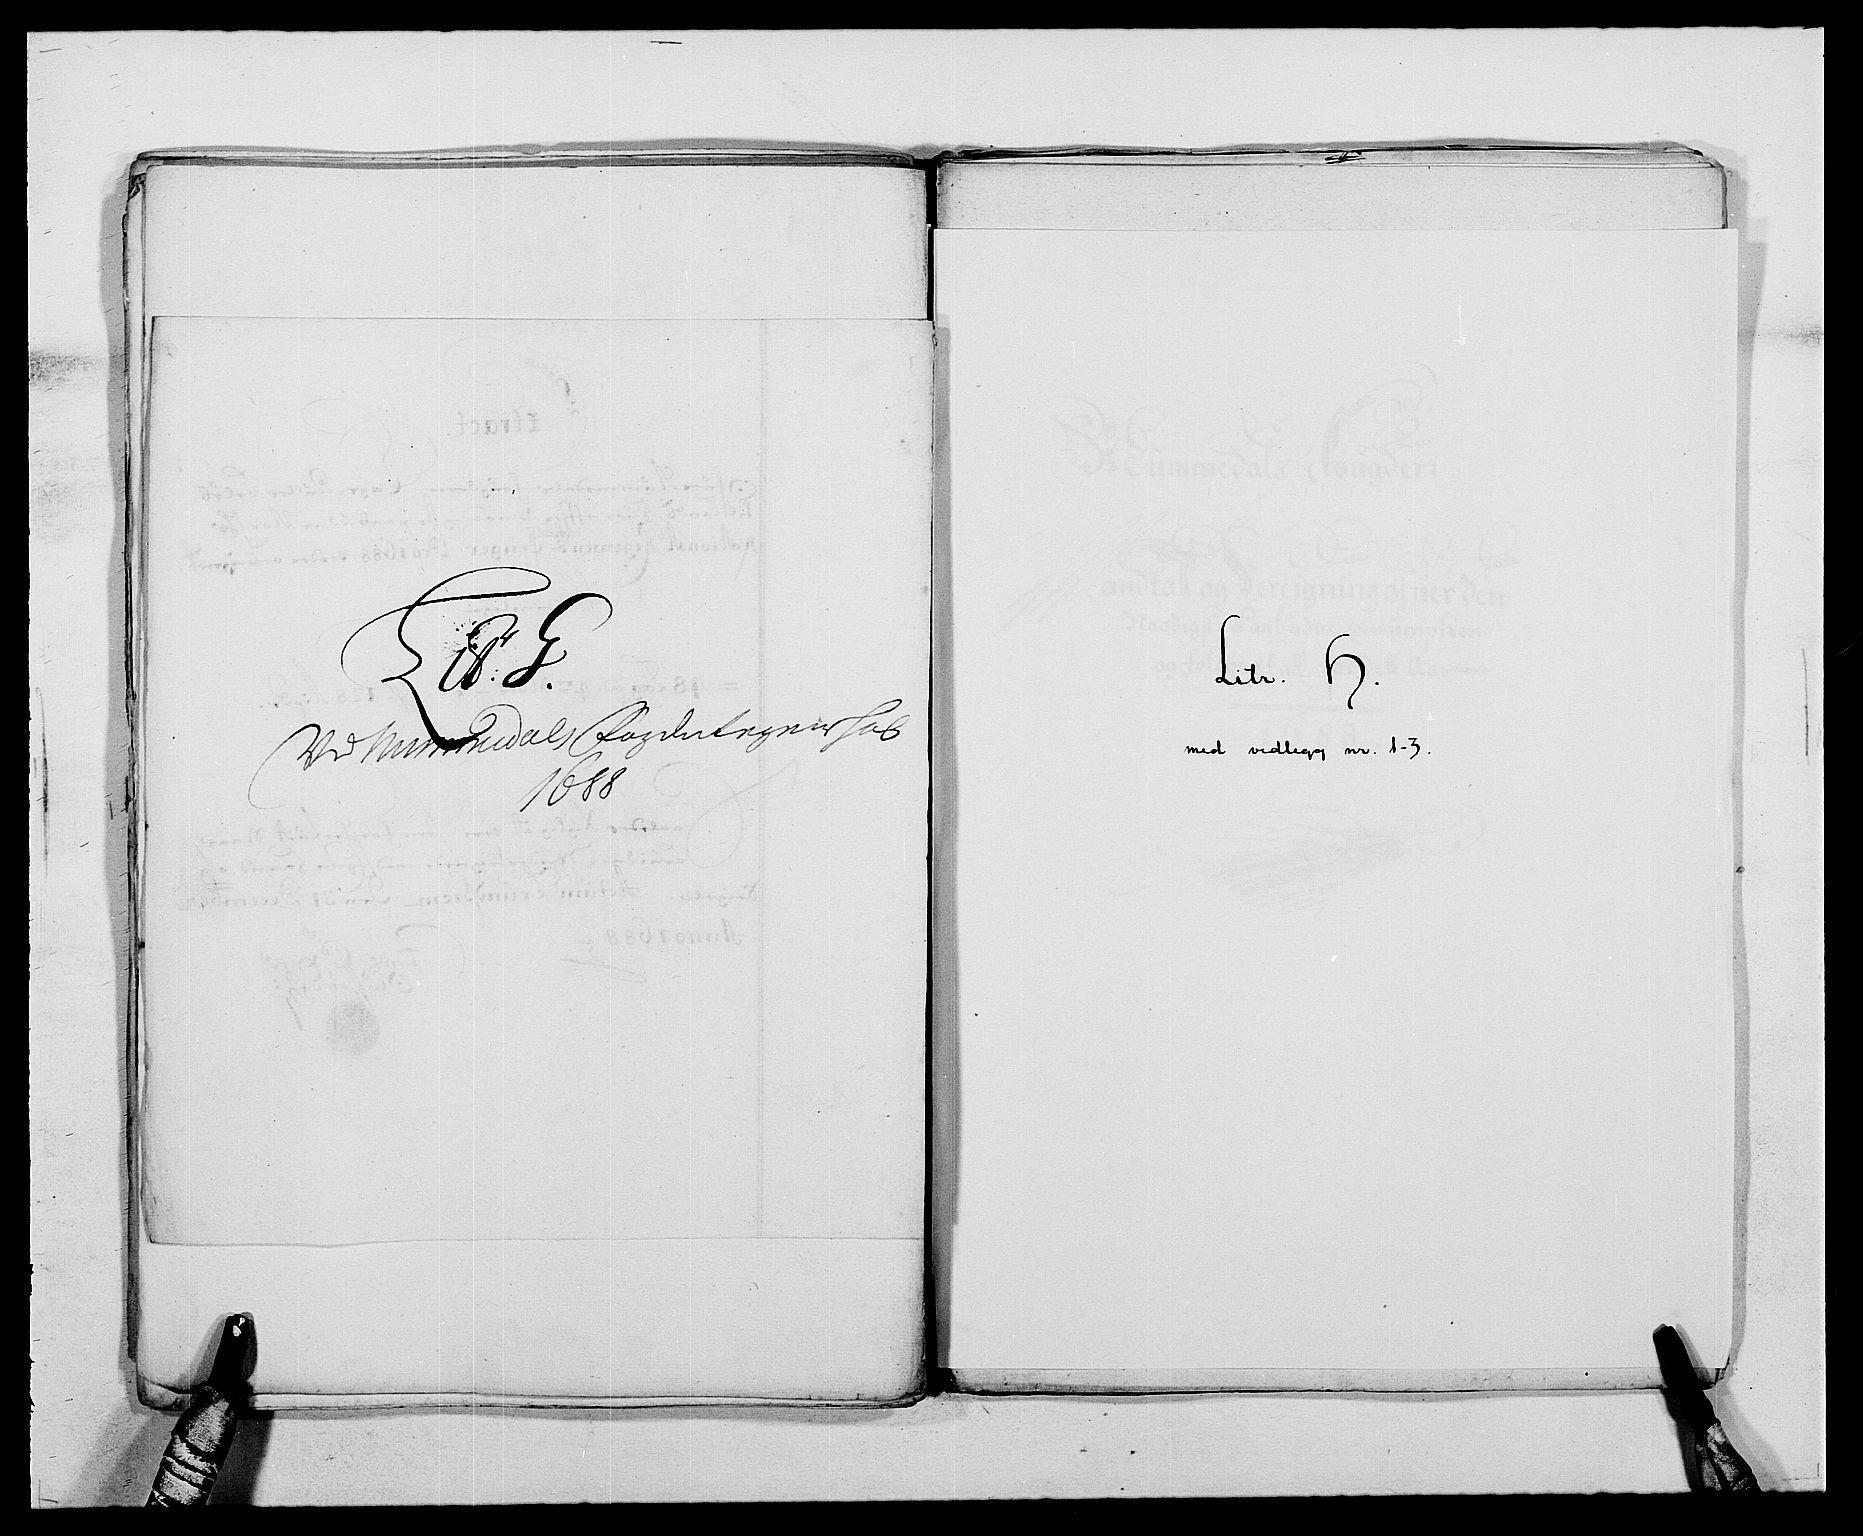 RA, Rentekammeret inntil 1814, Reviderte regnskaper, Fogderegnskap, R64/L4422: Fogderegnskap Namdal, 1687-1689, s. 122